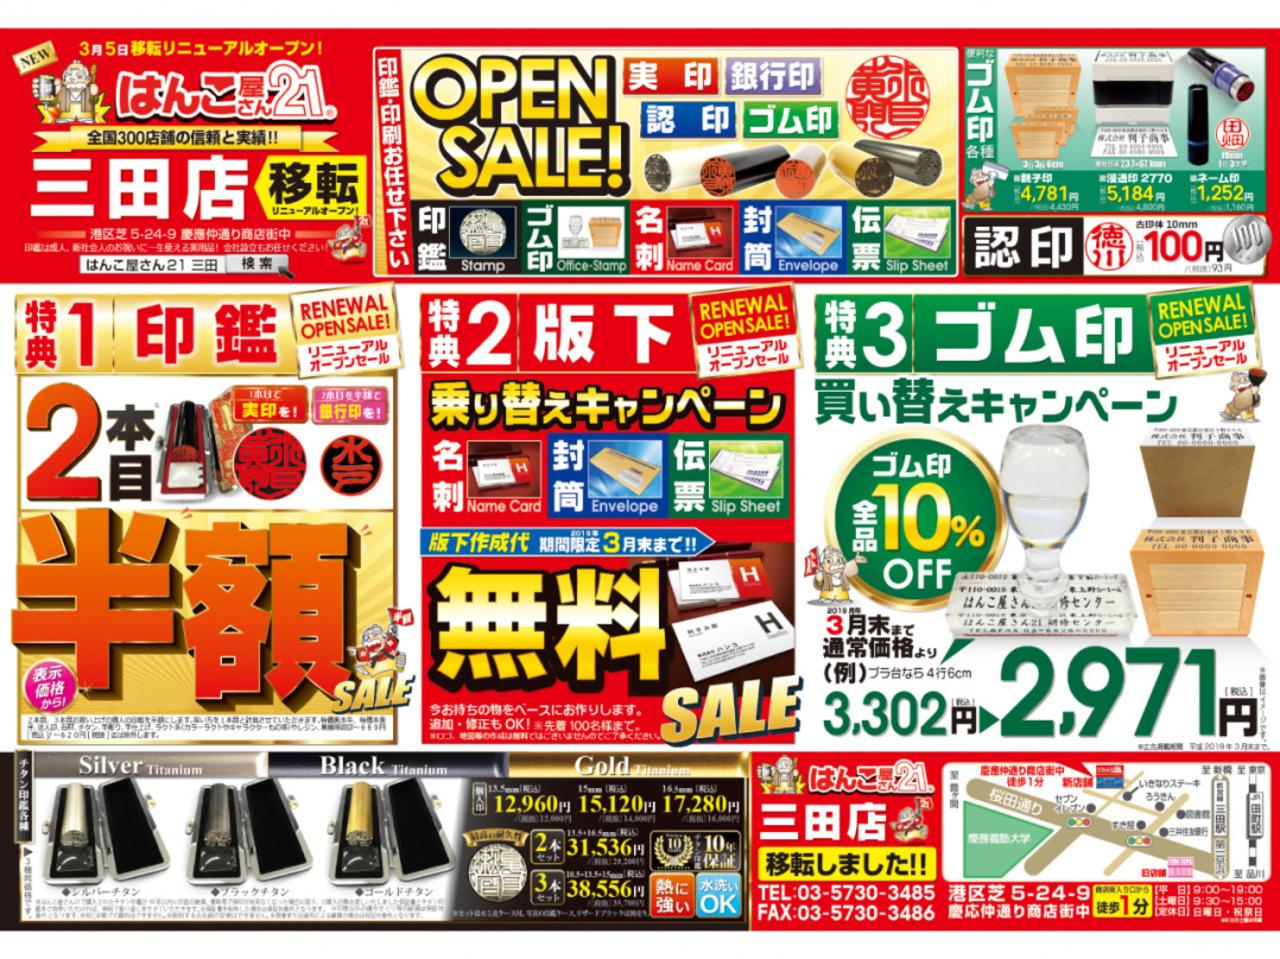 はんこ屋さん21三田店 移転リニューアルオープン